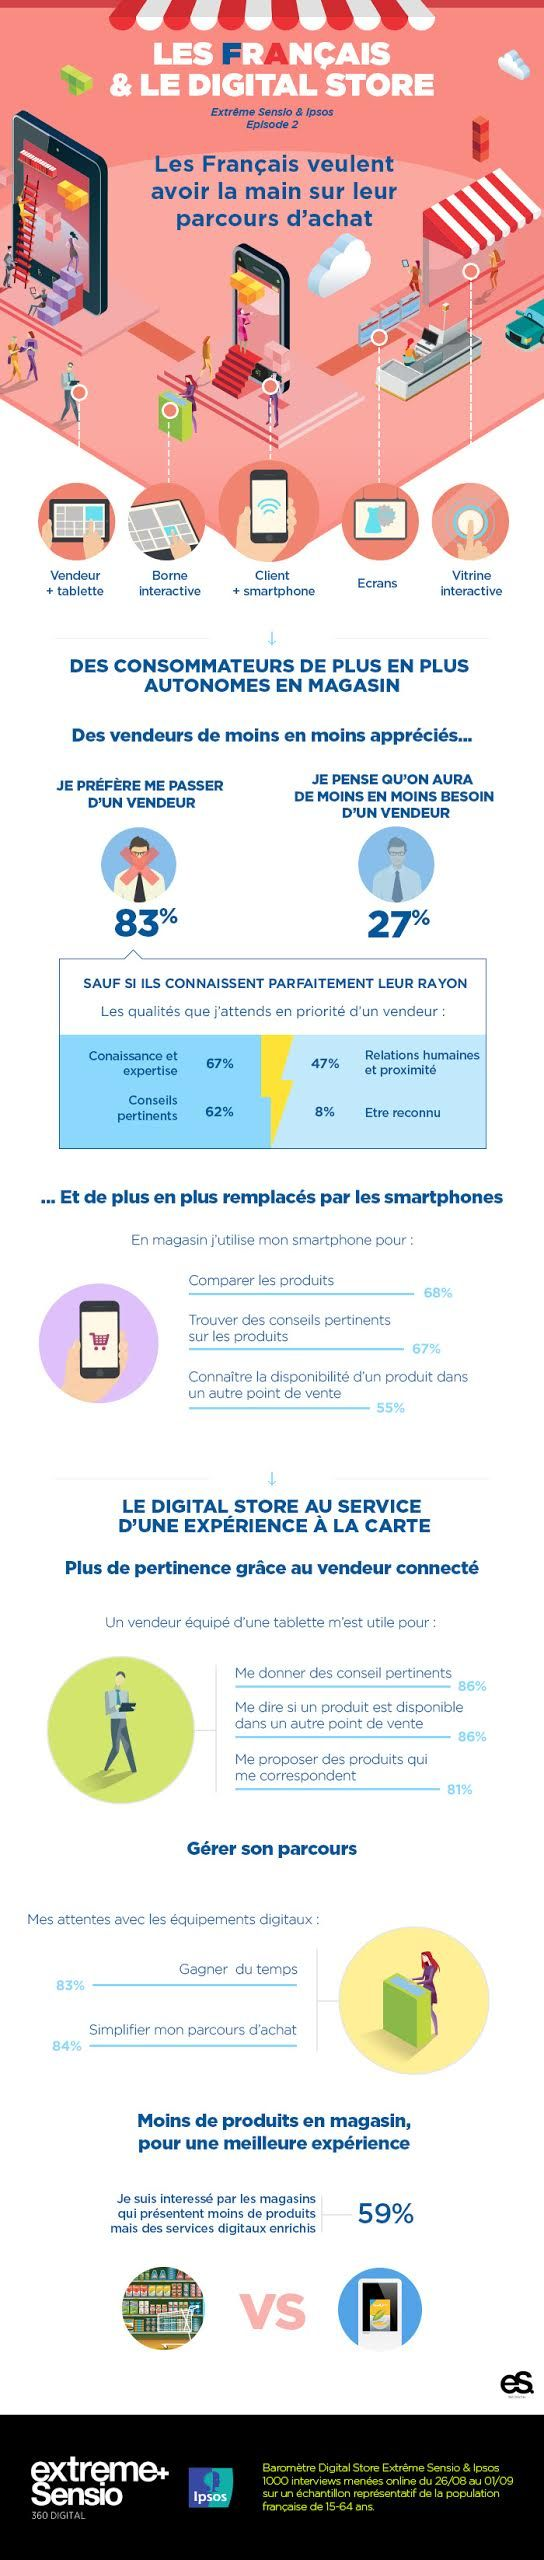 infographie-marche-français-magasins-connectes-ipsos-extreme-sensio-2015